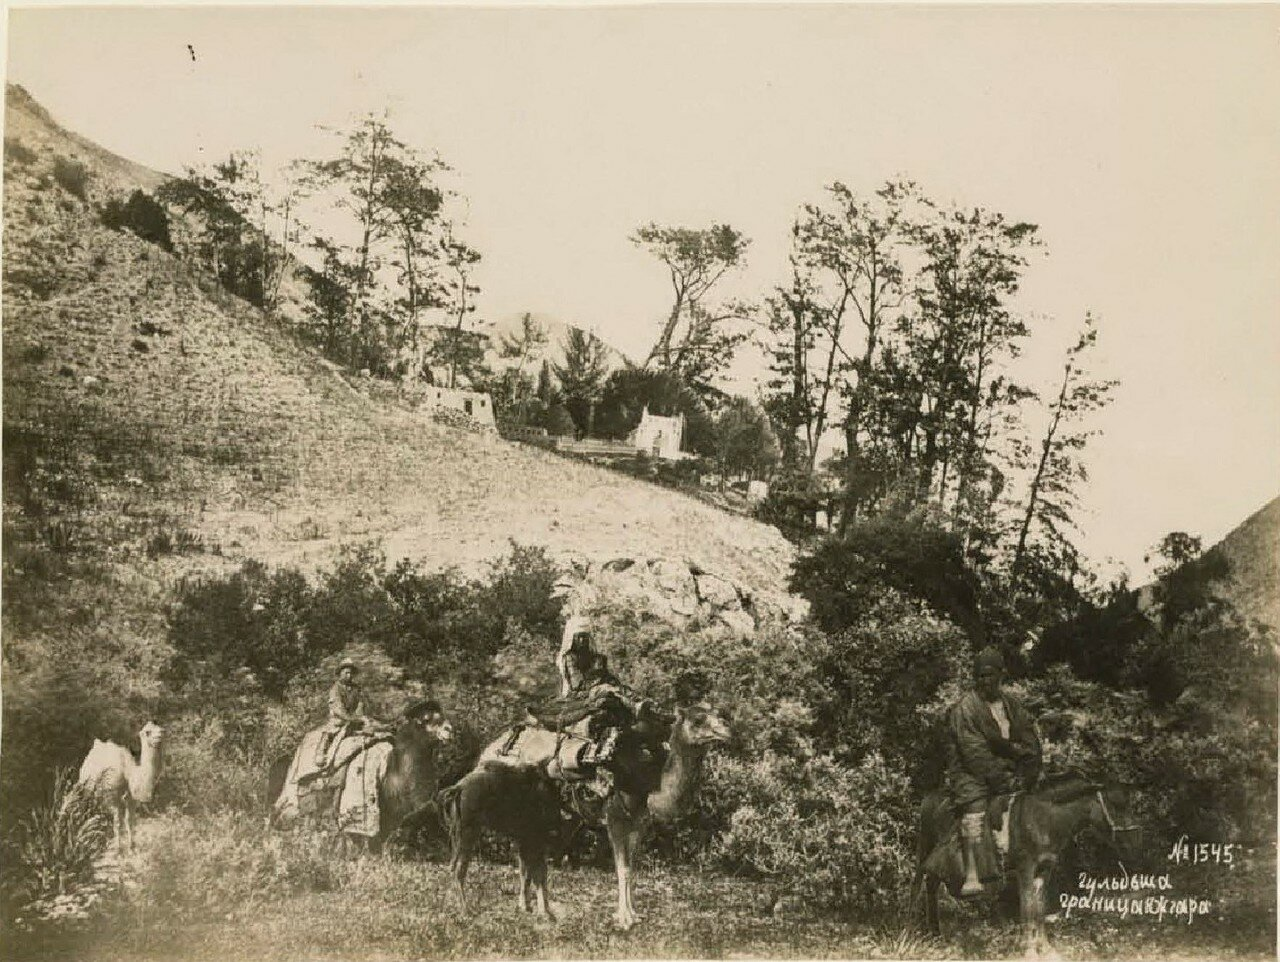 Гульдша. Граница Кагдара